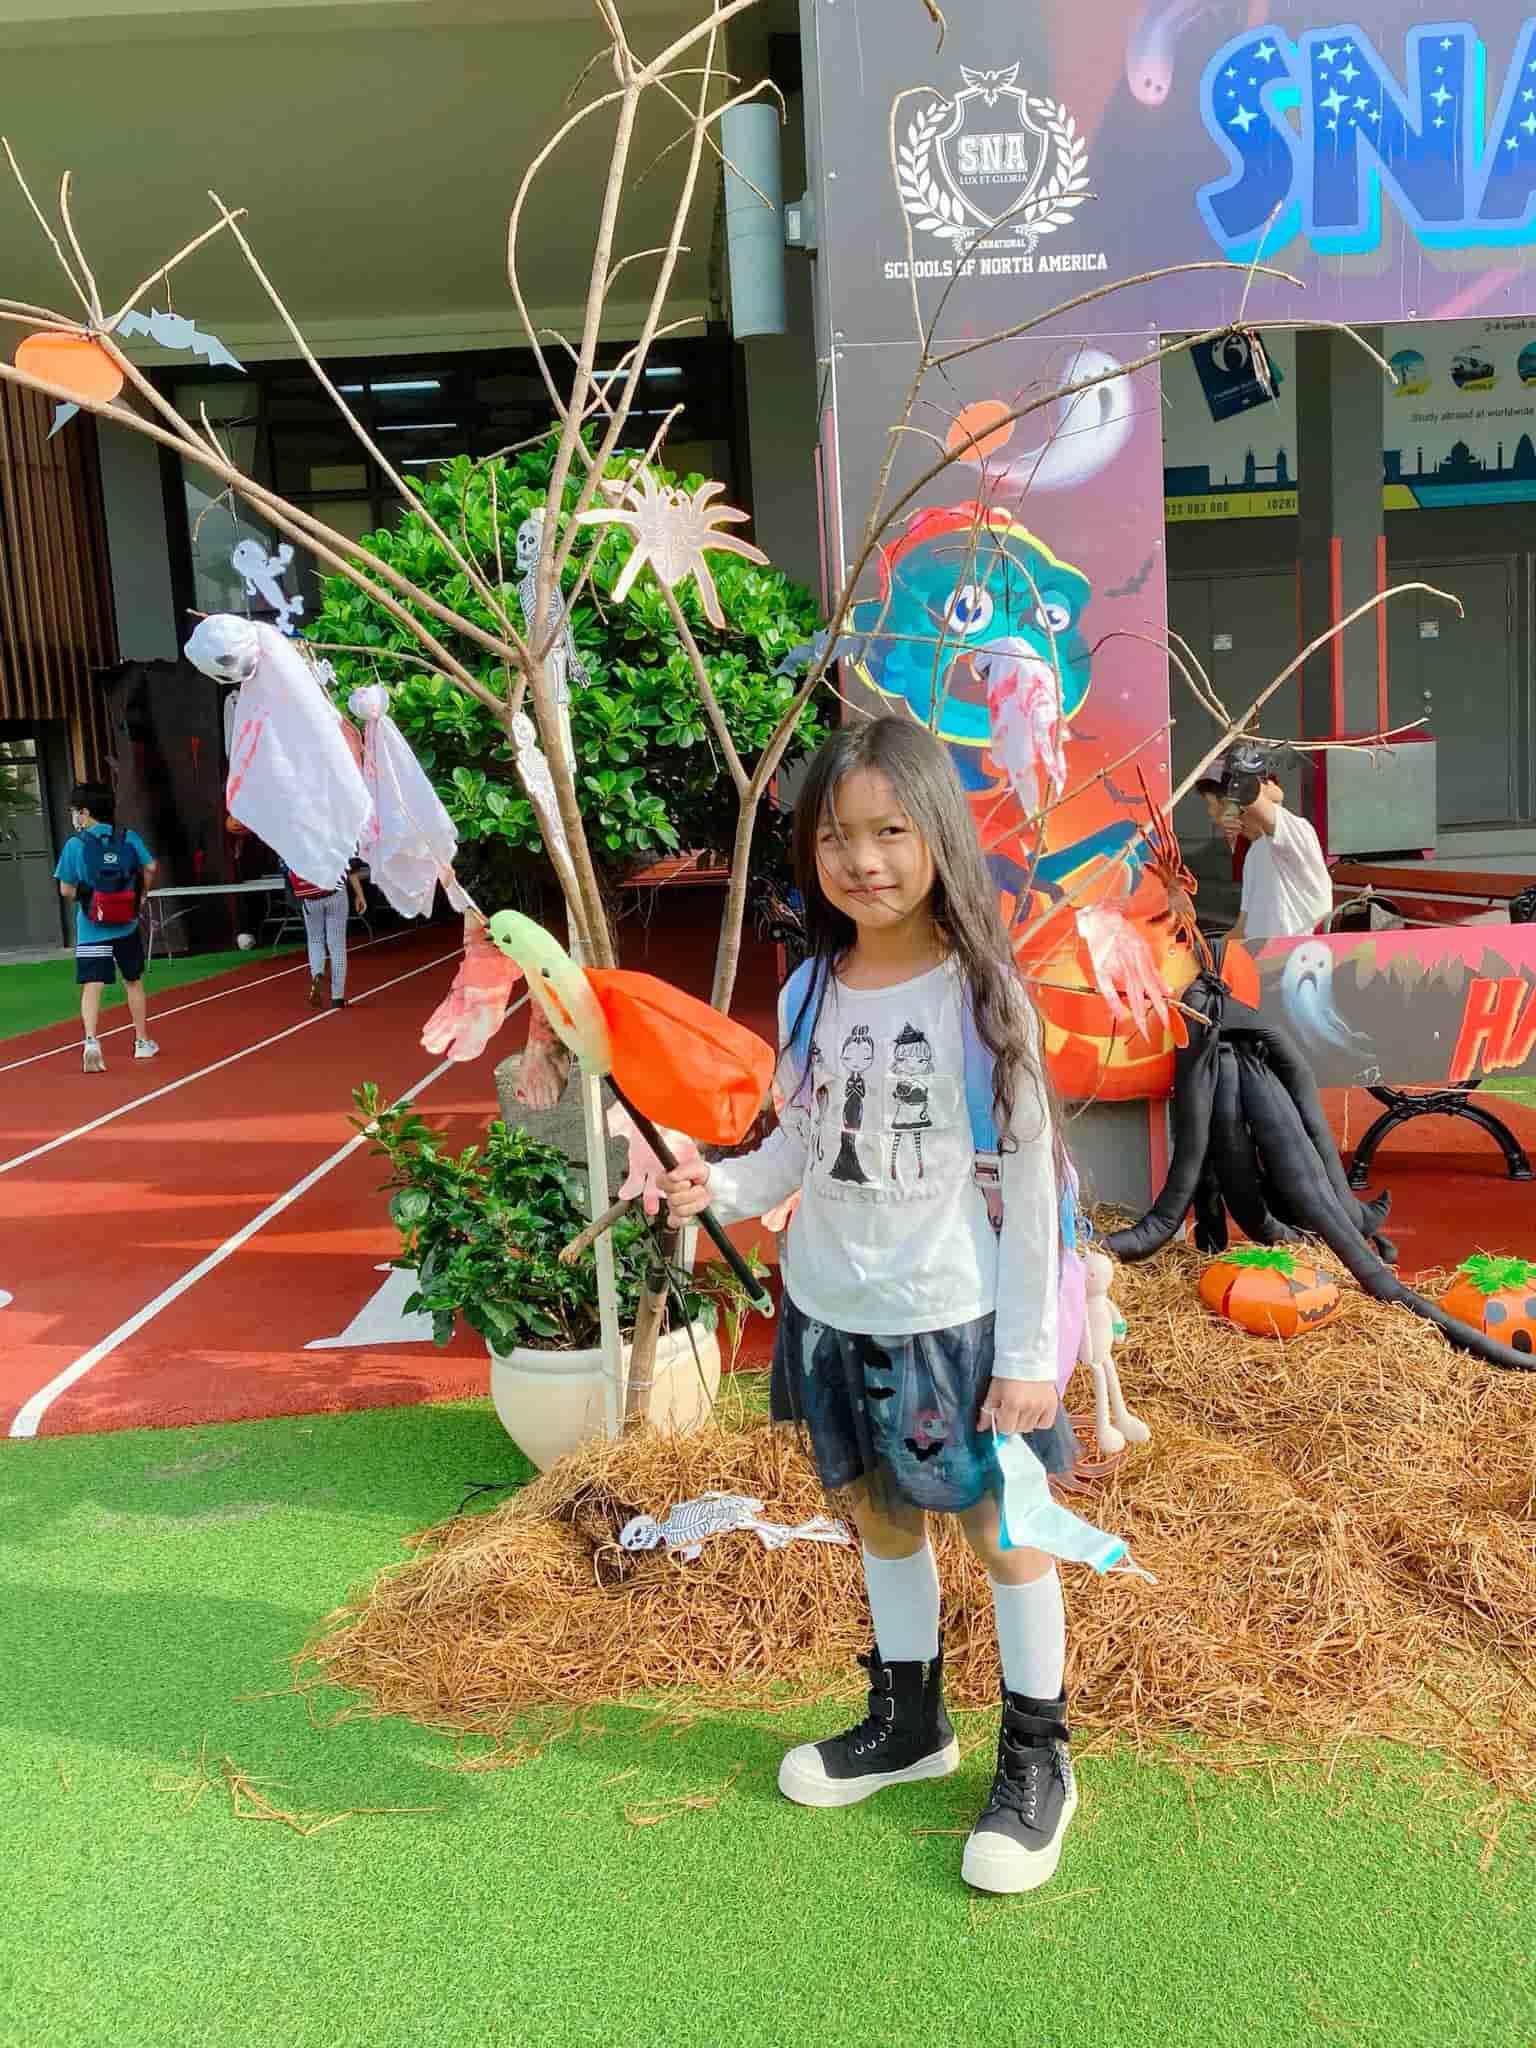 Con gái Ốc Thanh Vân đến trường diện đồng phục chất ngất: mang tất cọc cạch, đi giày cao gót - 14